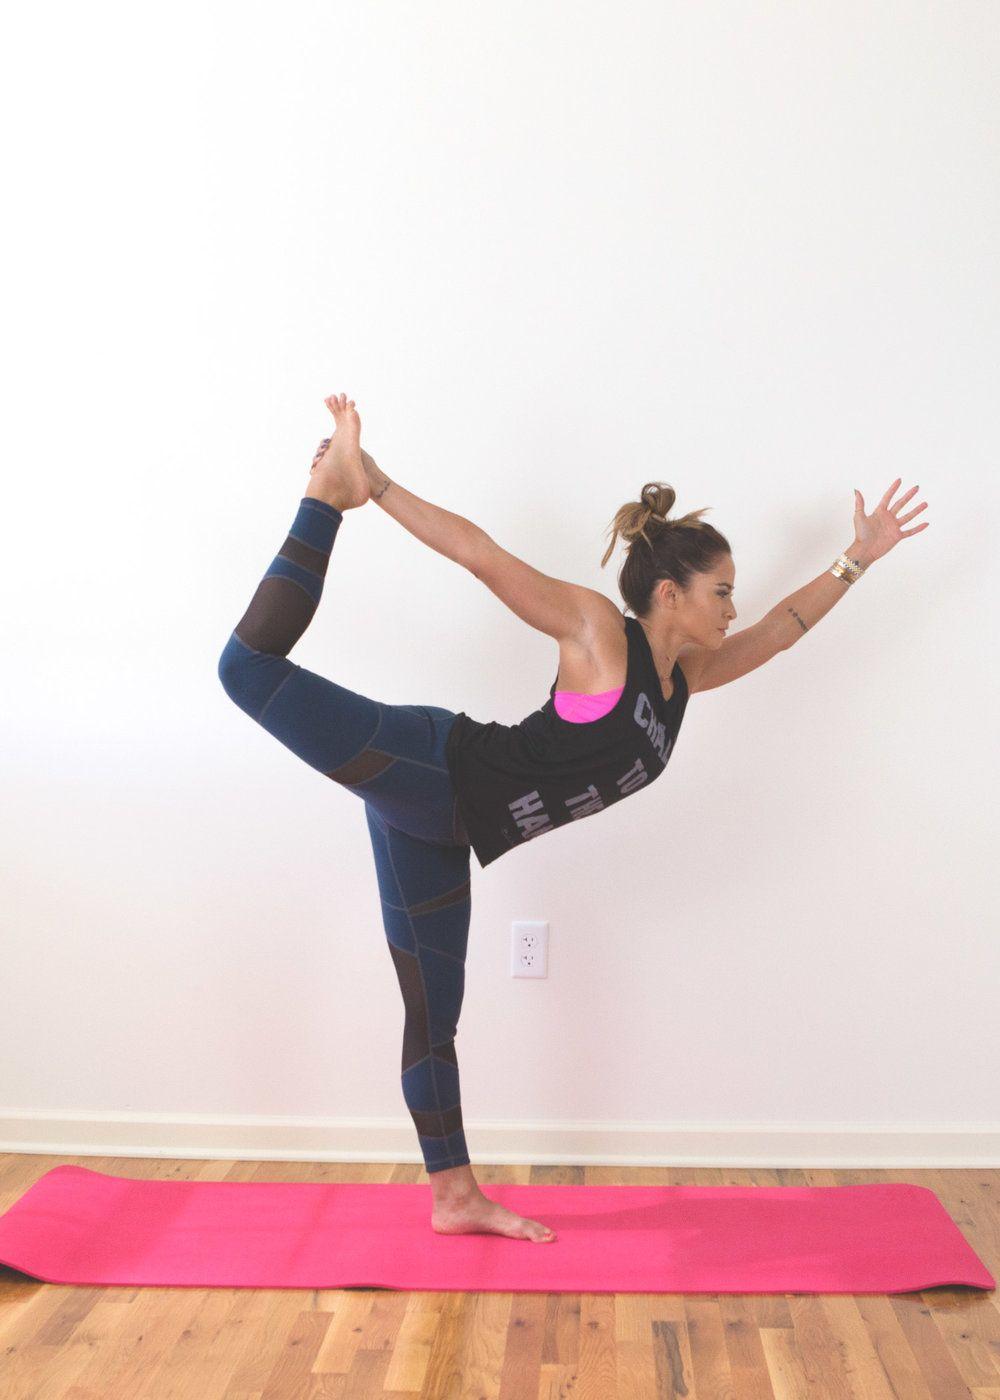 3 Yoga Poses To Find Balance Yogabycandace Yoga Balance Poses Yoga Poses Yin Yoga Poses